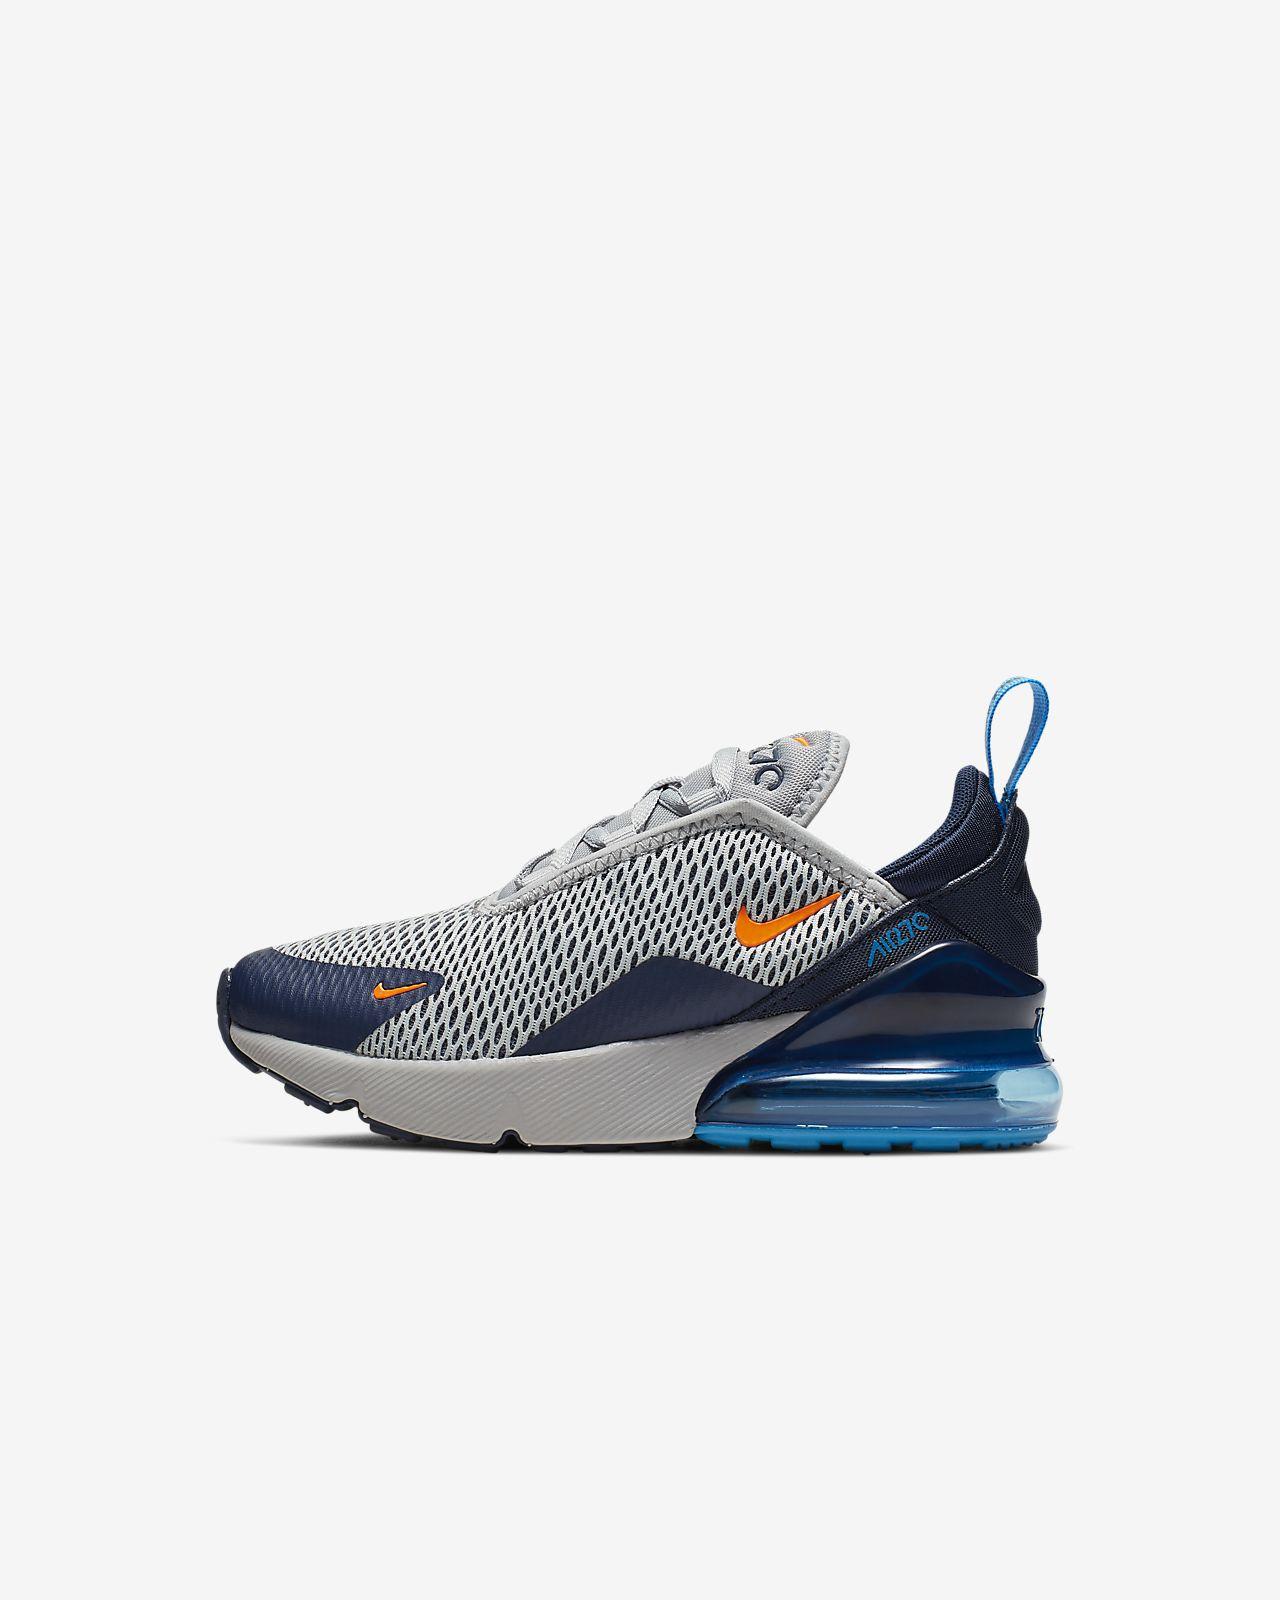 online retailer 6edba 0246d ... Nike Air Max 270 Schuh für jüngere Kinder